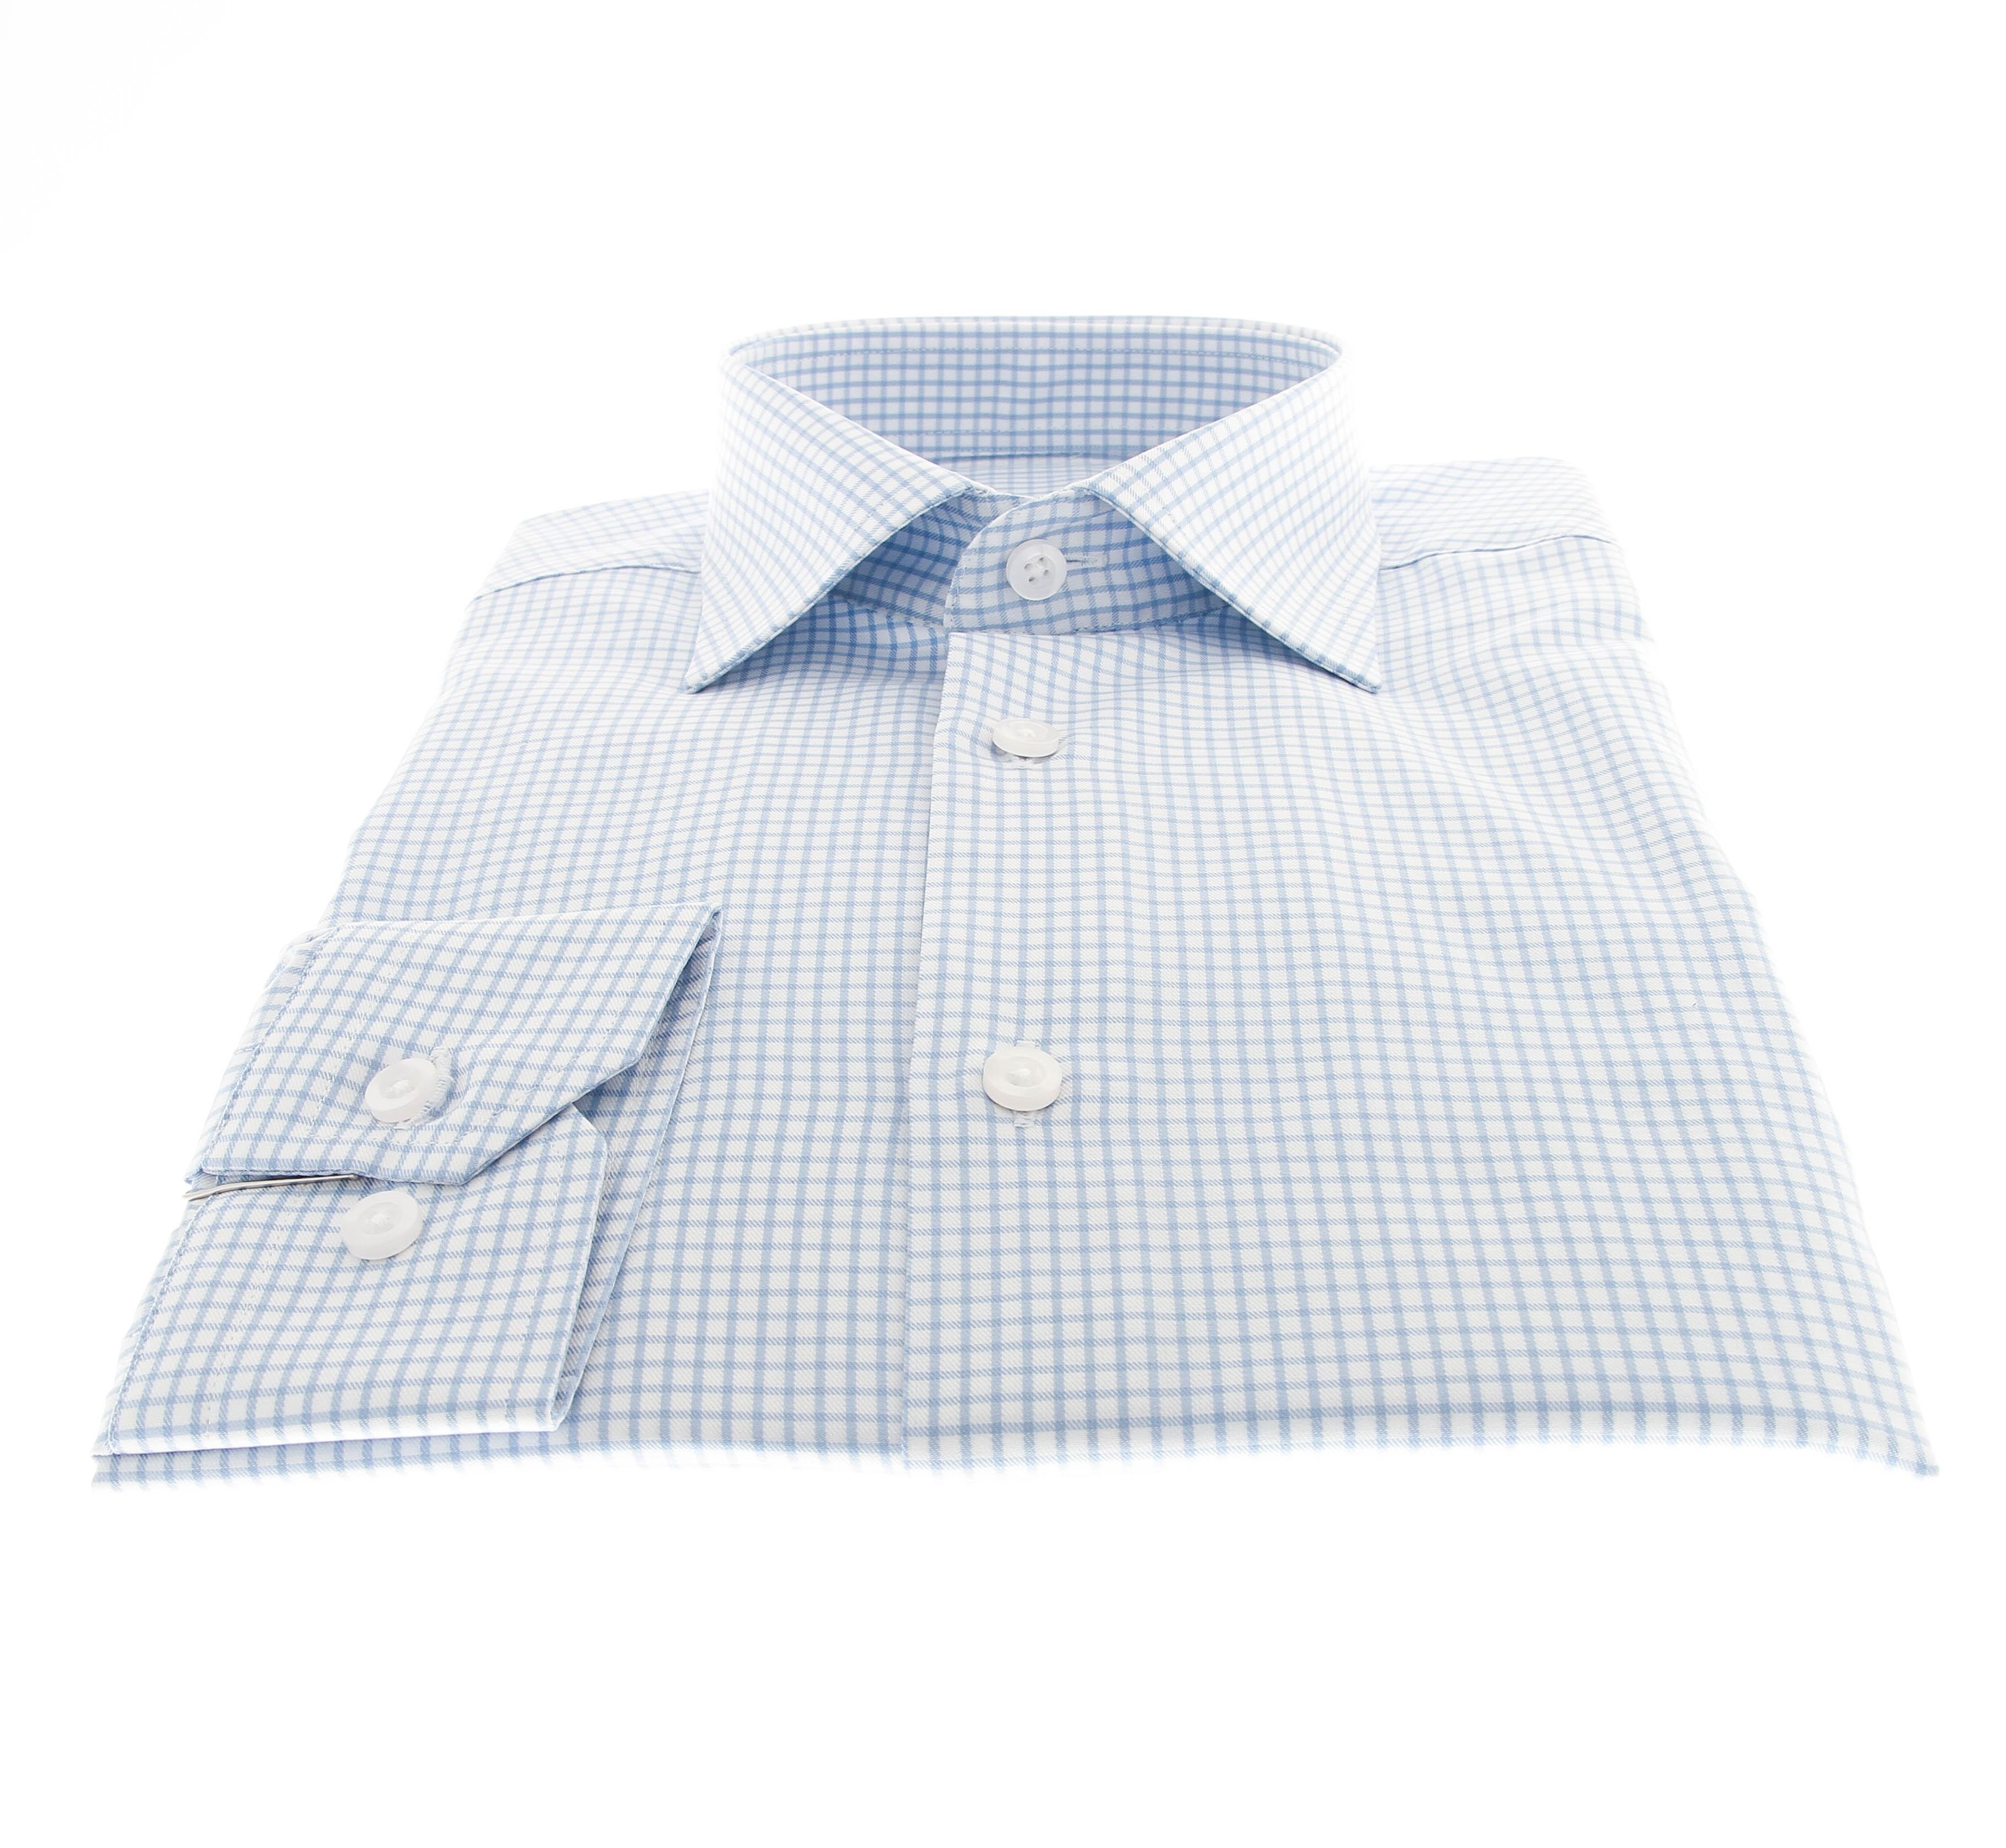 Chemise Lissandro : Base blanche à fins carreaux bleus - Col français